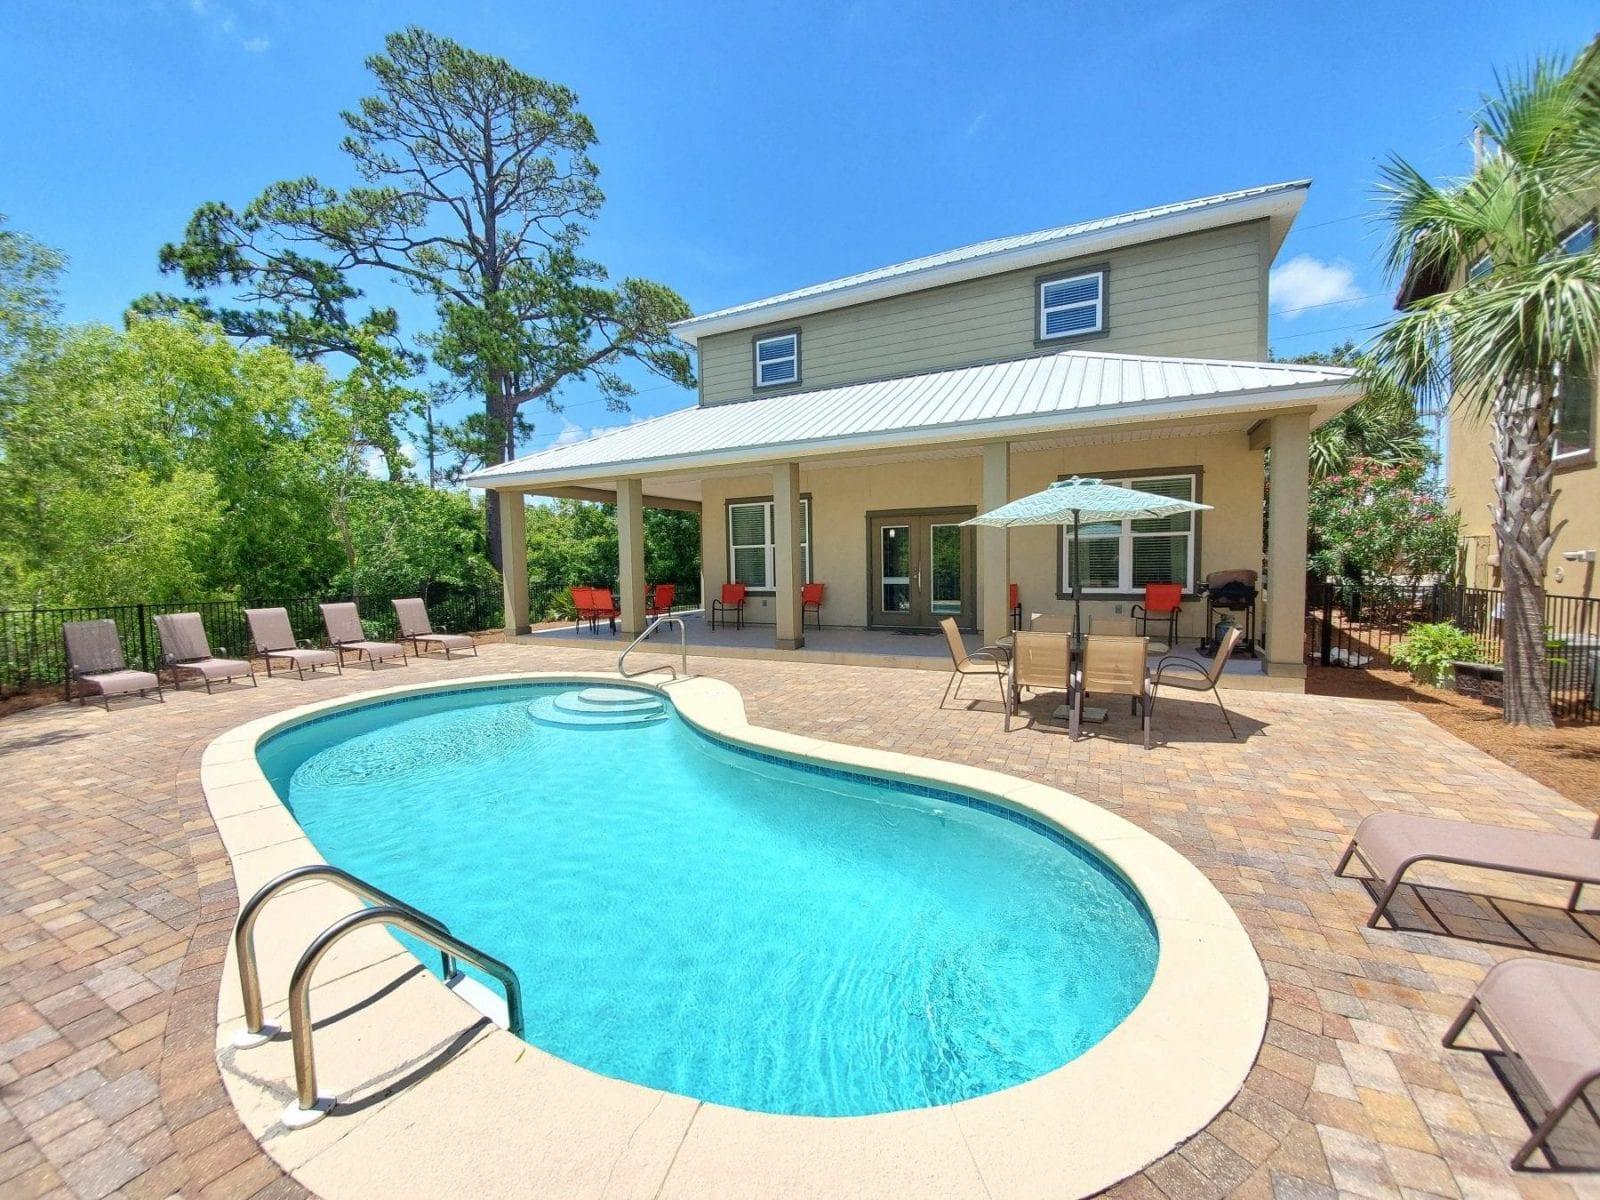 Destin Sun Destin Florida Vacation Rental Home